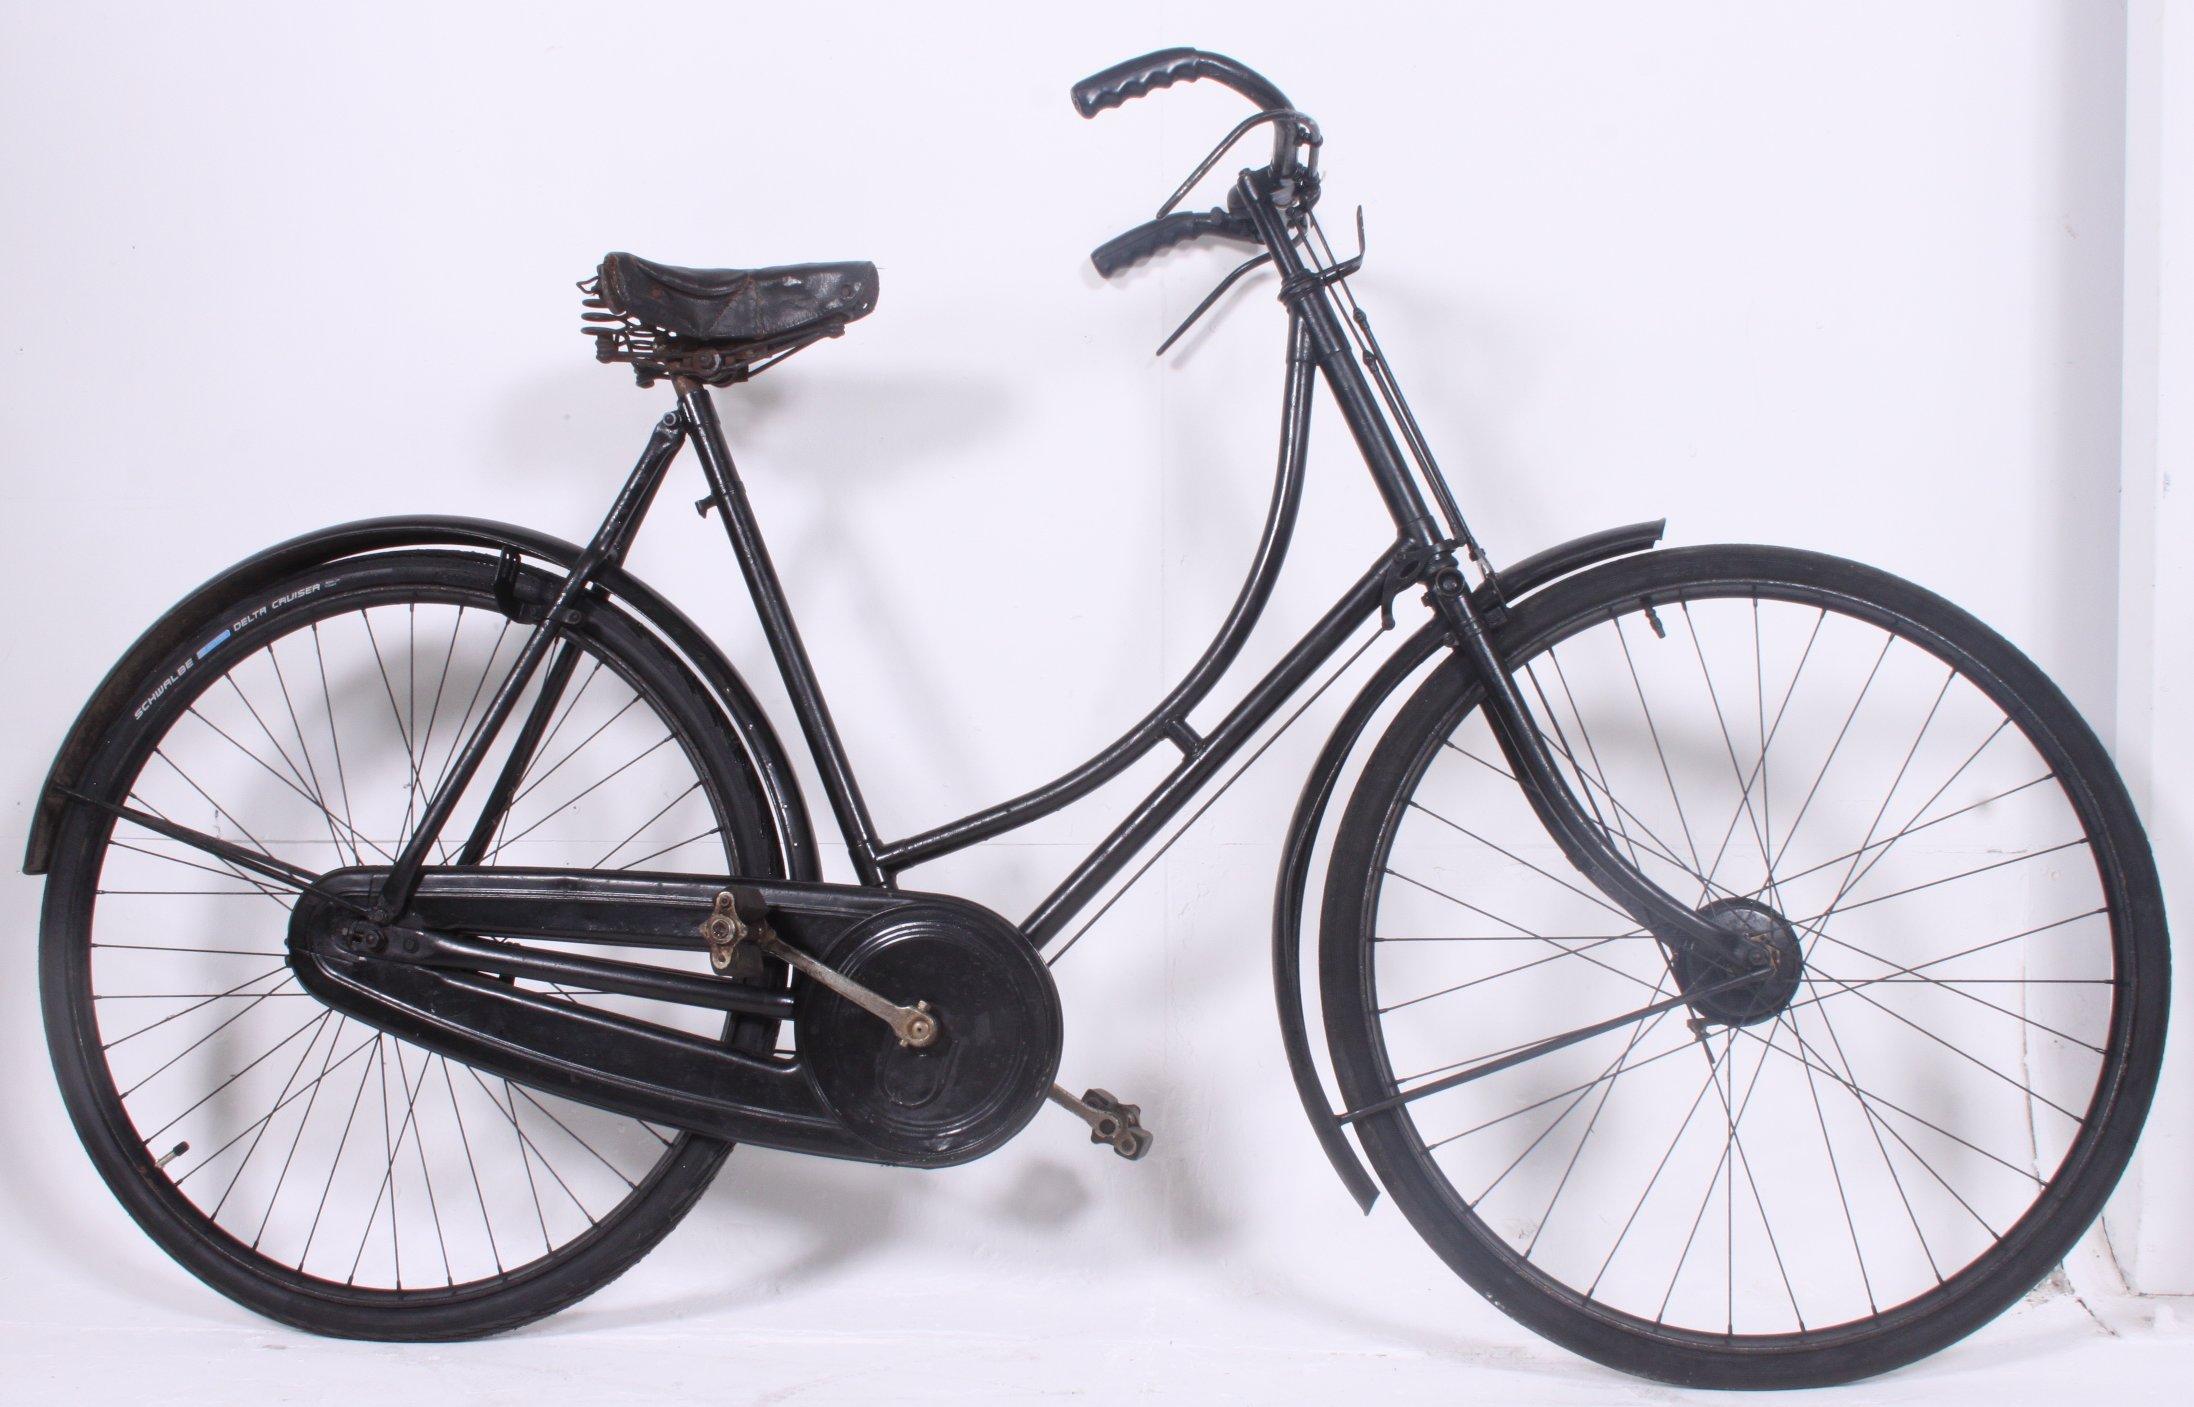 A good vintage Ladies loop frame bicycle bike with hub brakes